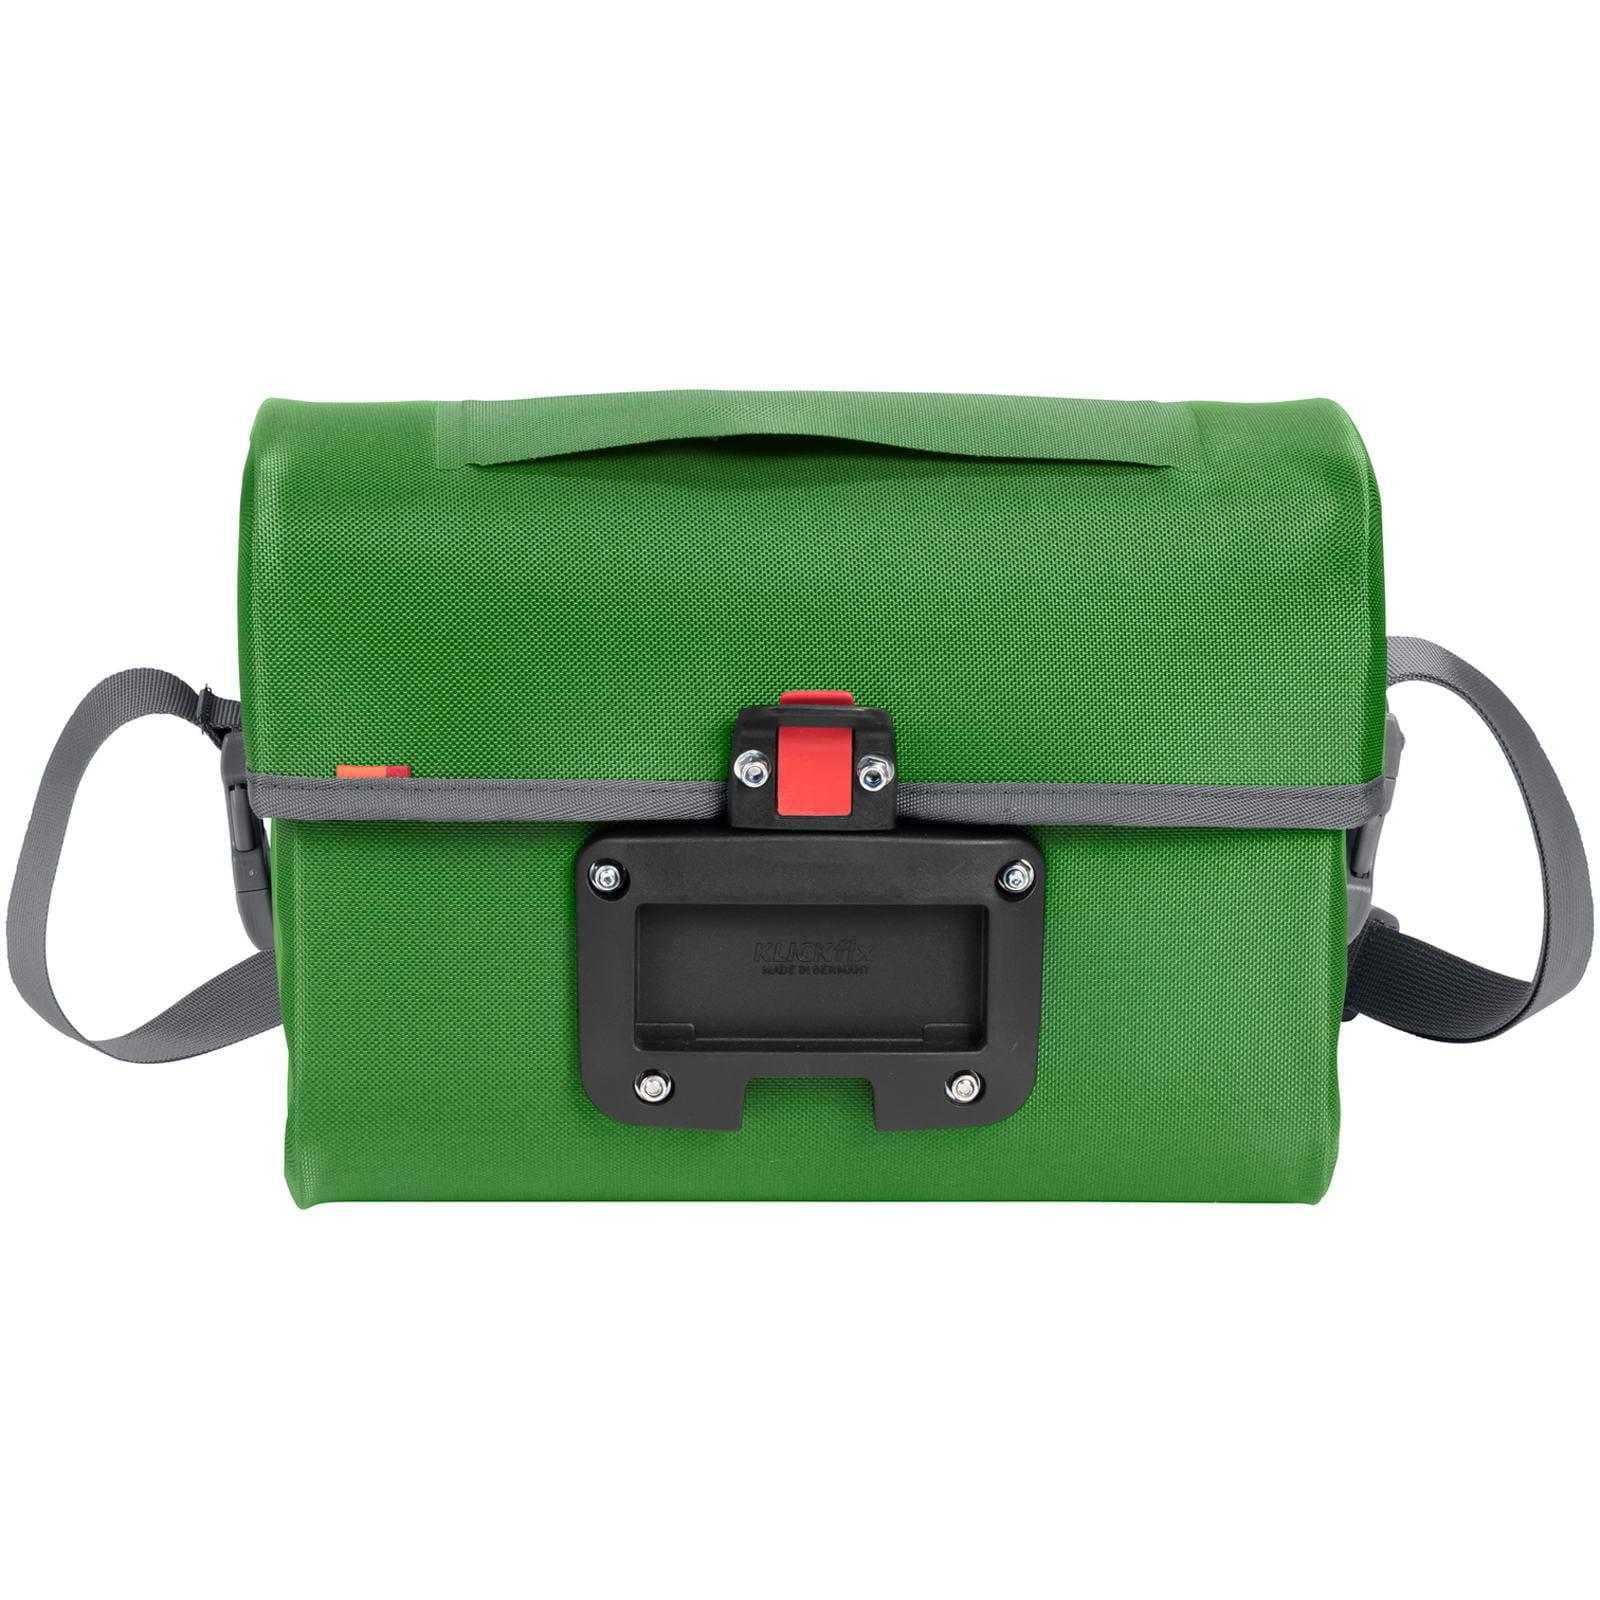 VAUDE Aqua Box - Lenker-Tasche parrot green - Bild 4